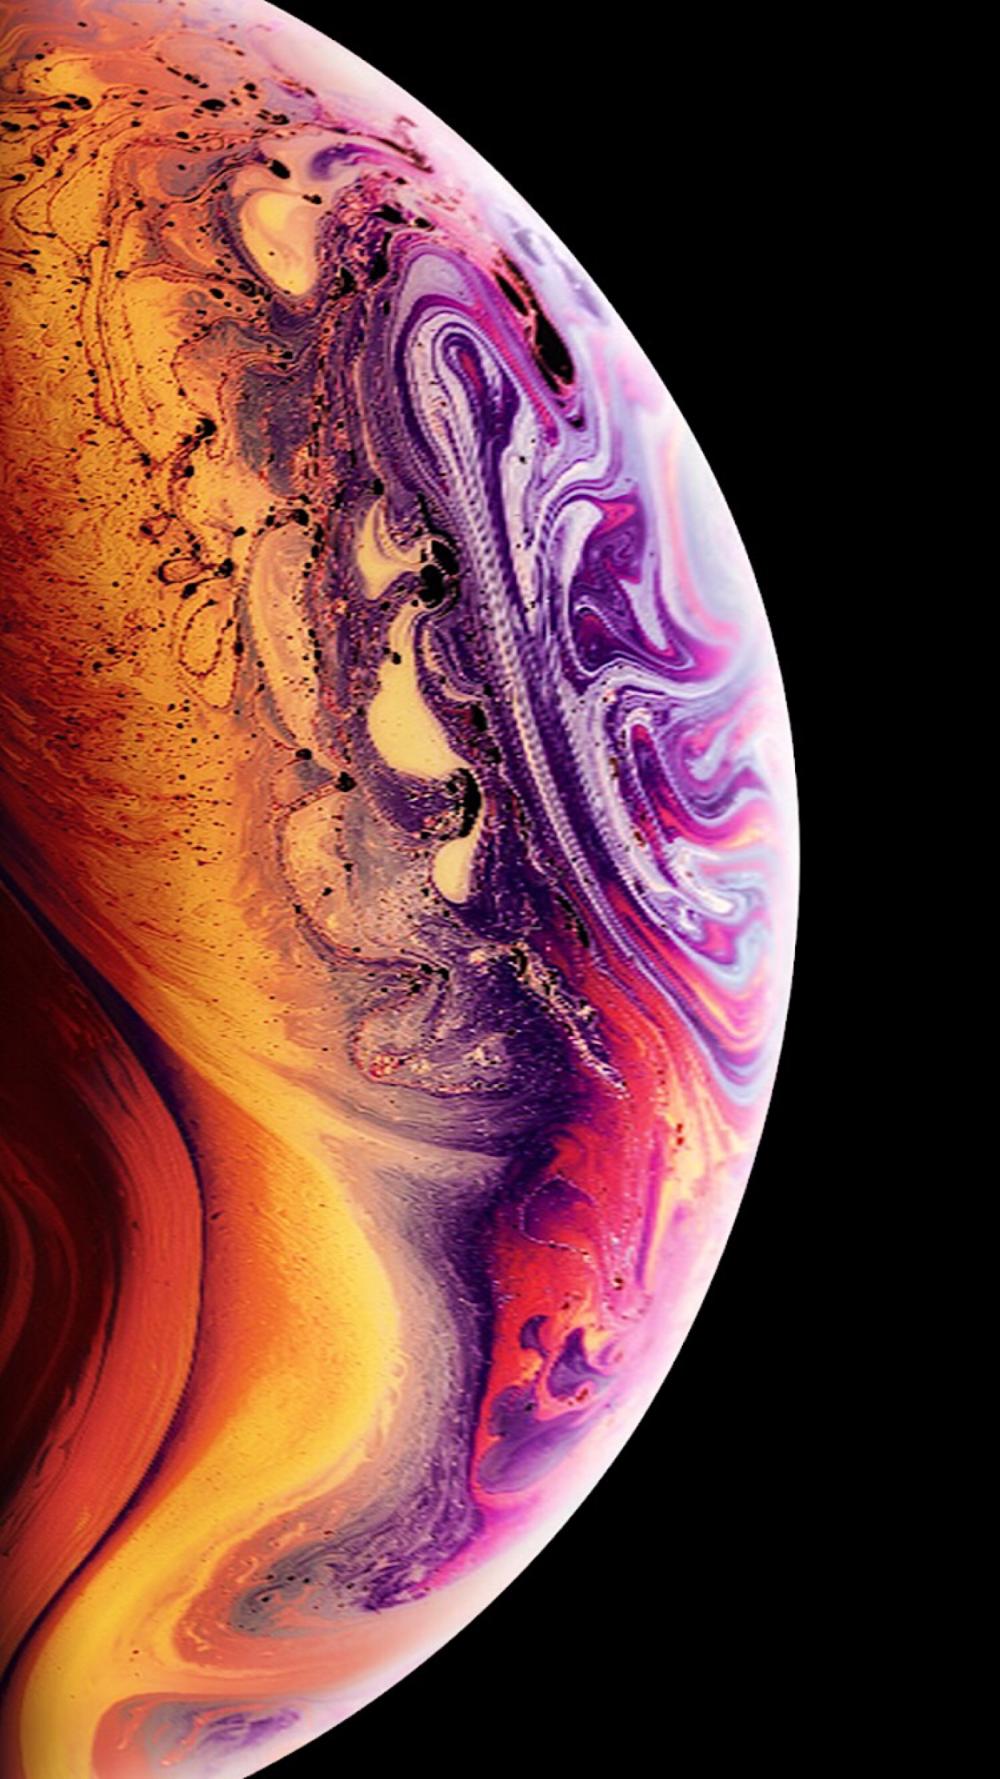 1080p Iphone 8 Wallpaper Hd 4k Allwallpaper In 2021